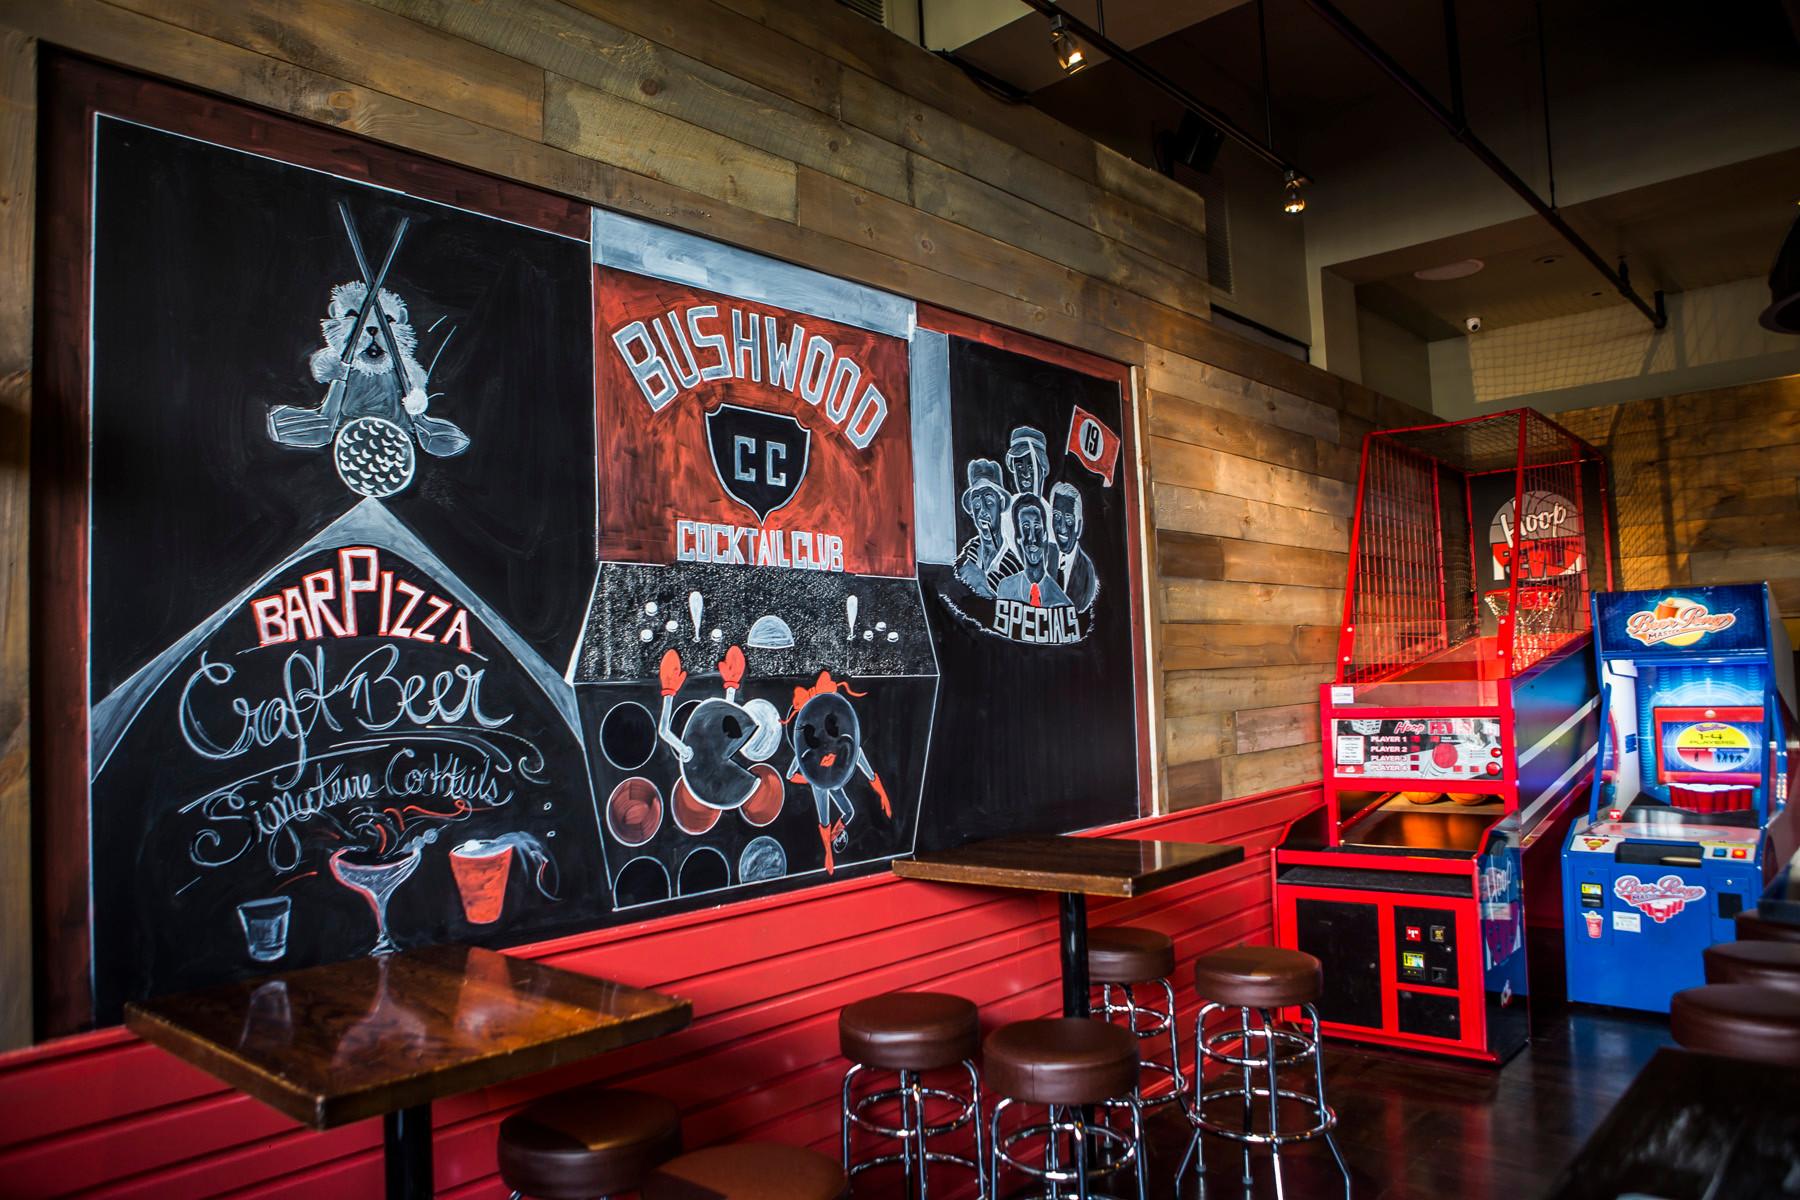 Arcade Bar in Boston | Bushwood Cocktail Club Boston